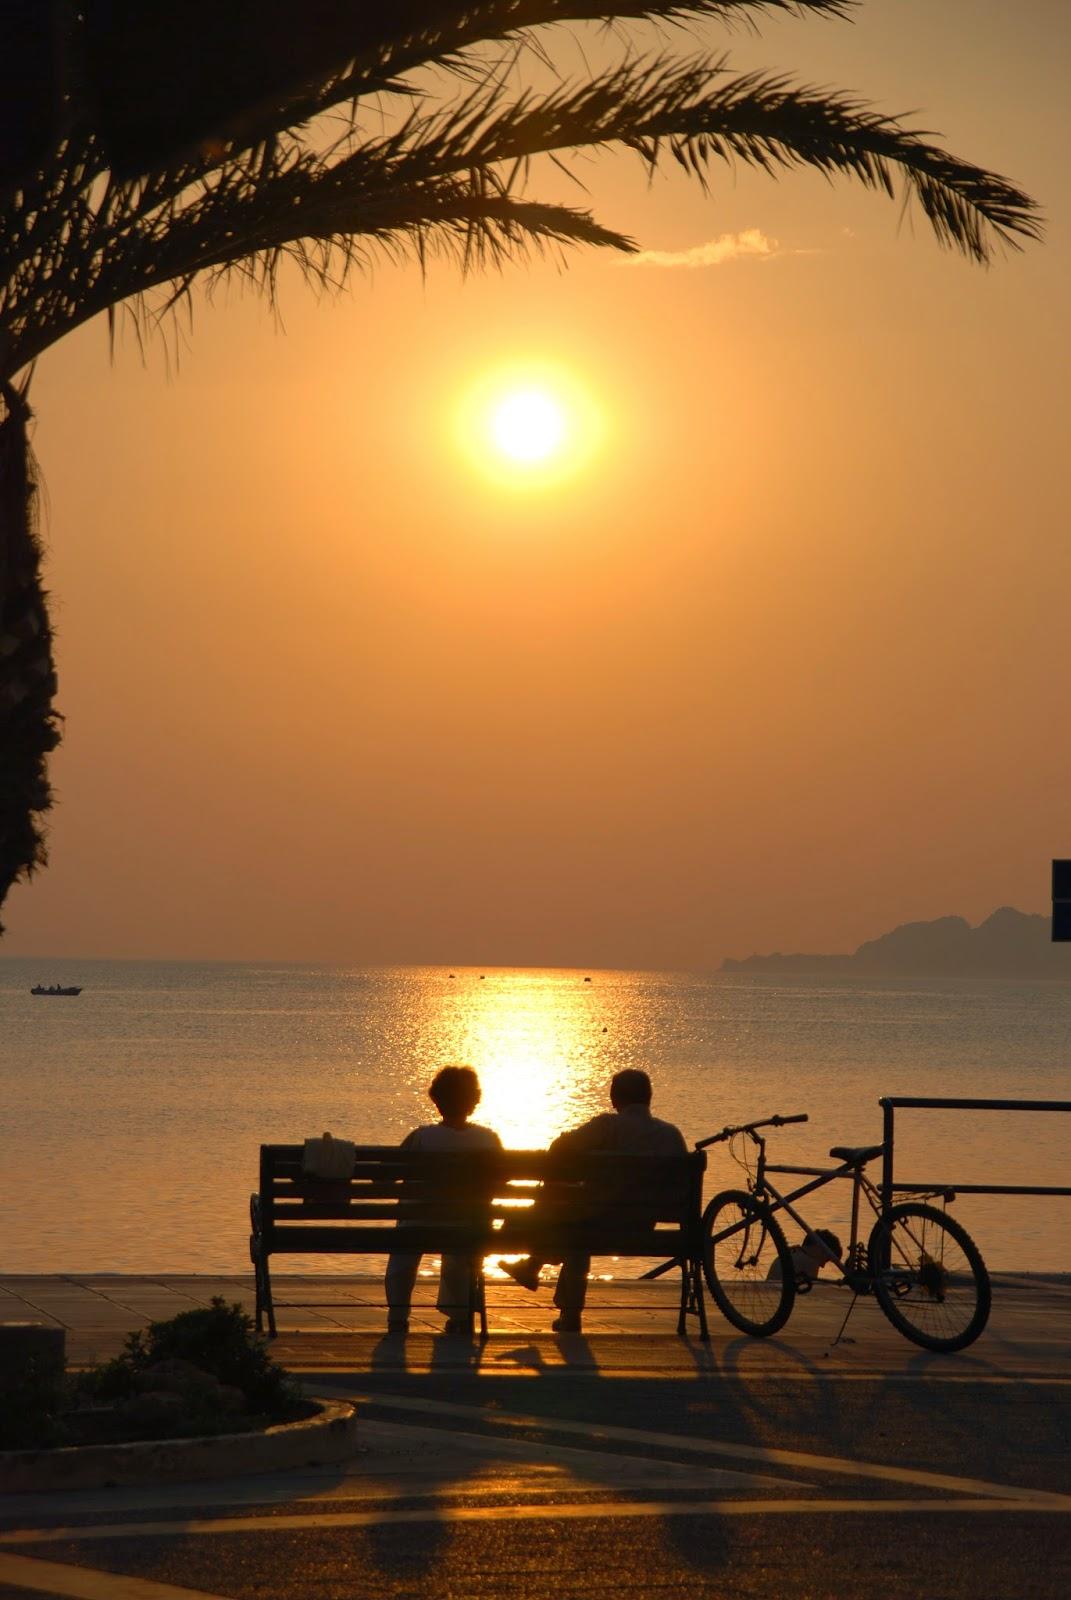 Tomar el sol reduce la presión arterial - Salud hoy